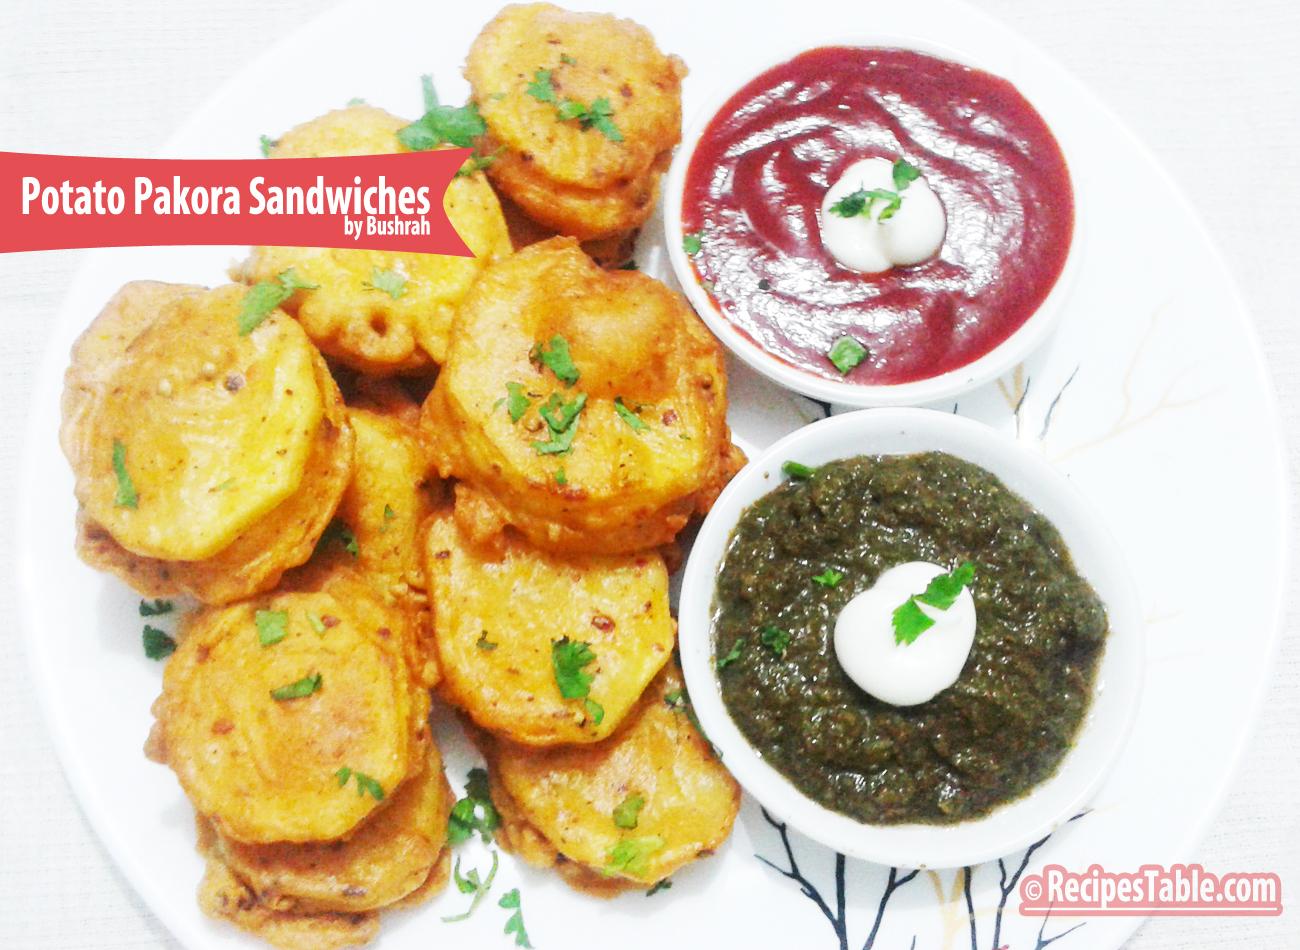 Potato Pakora Sandwiches recipe